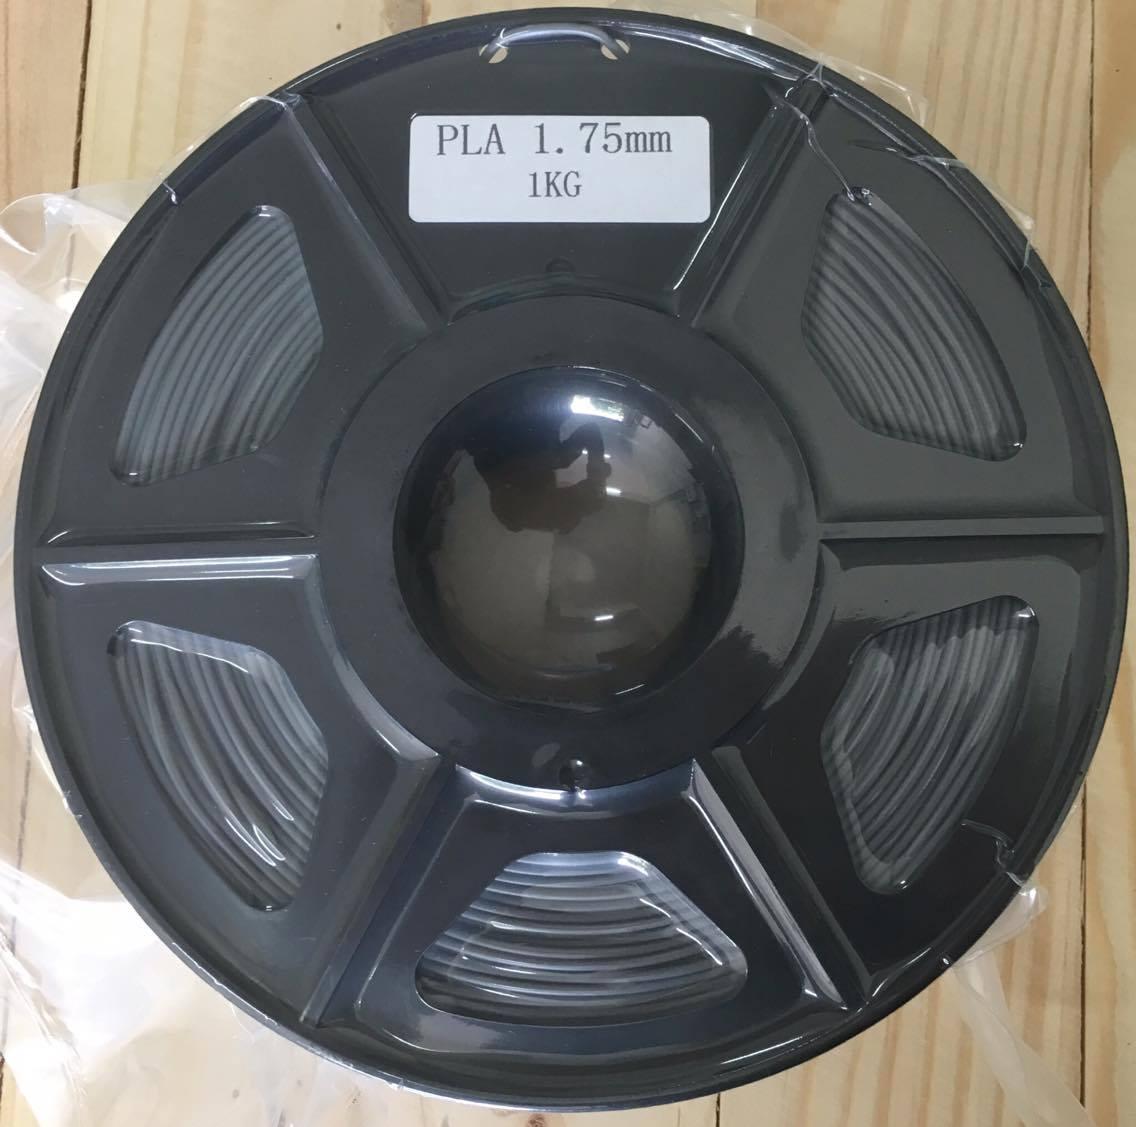 เส้นวัสดุ PLA ม้วนละ 1 กิโลกรัม (สีเทาเข้ม)